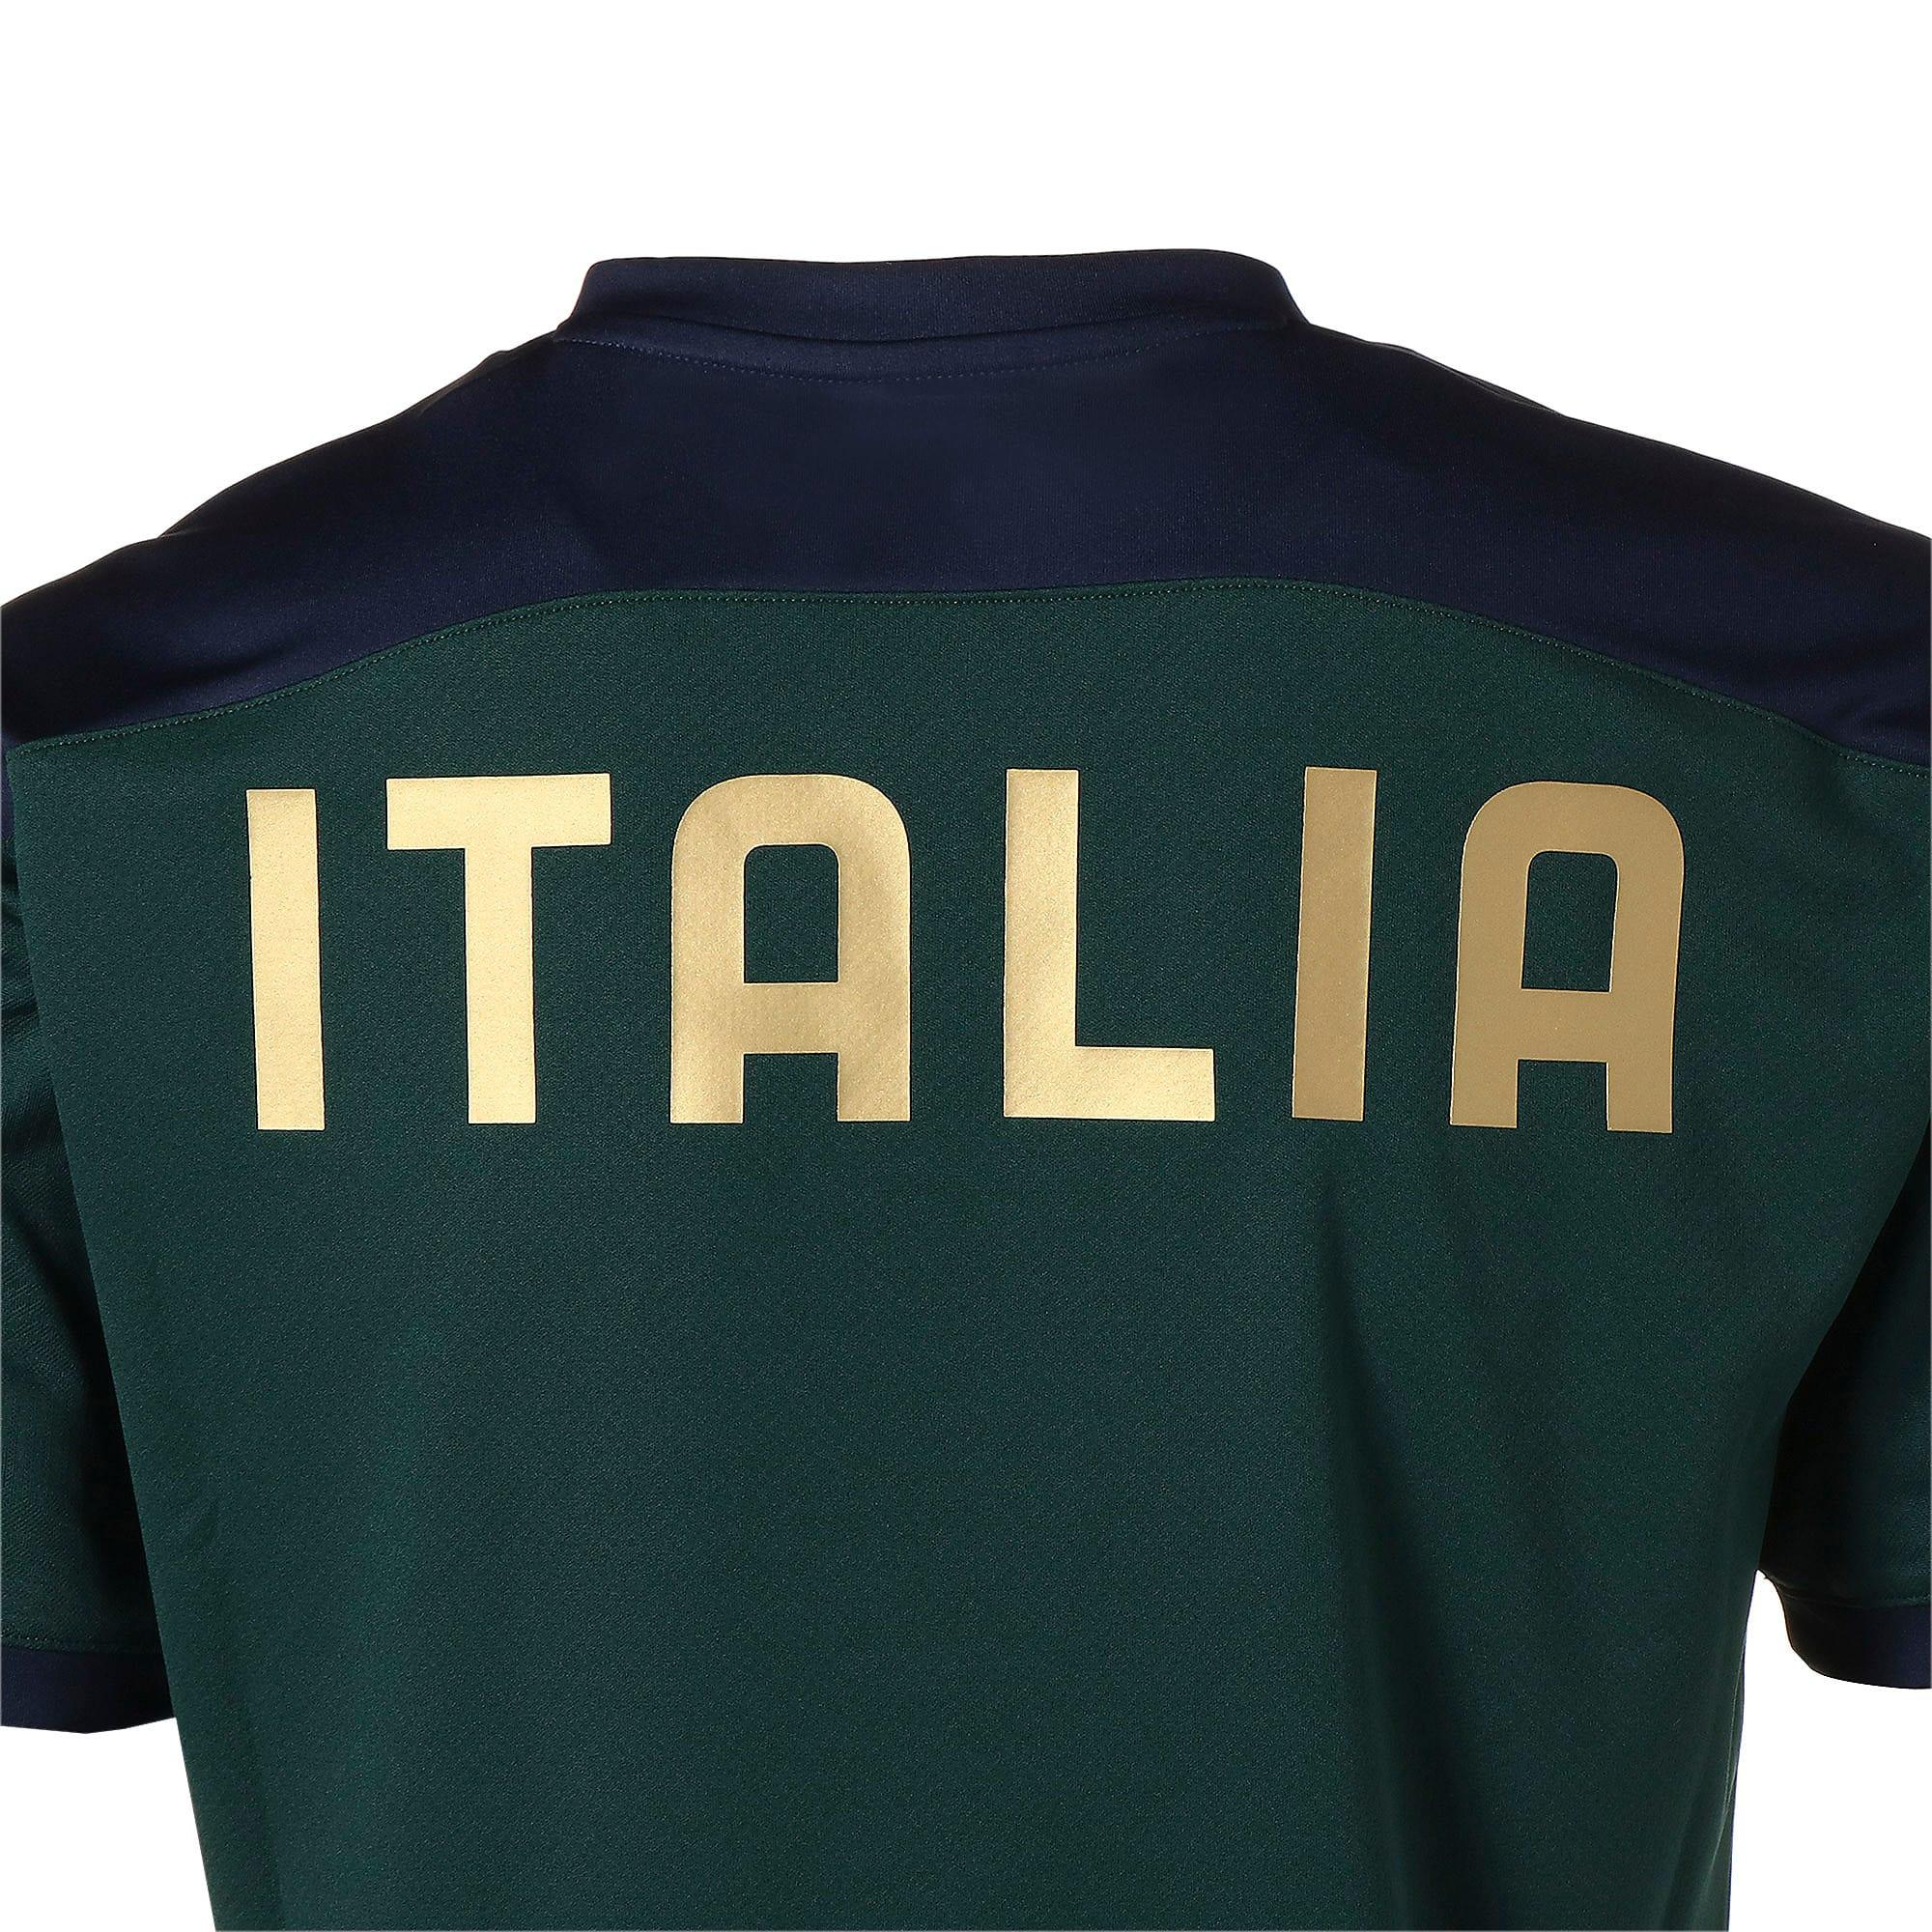 Thumbnail 8 of FIGC イタリア トレーニング シャツ, Ponderosa Pine-Peacoat, medium-JPN